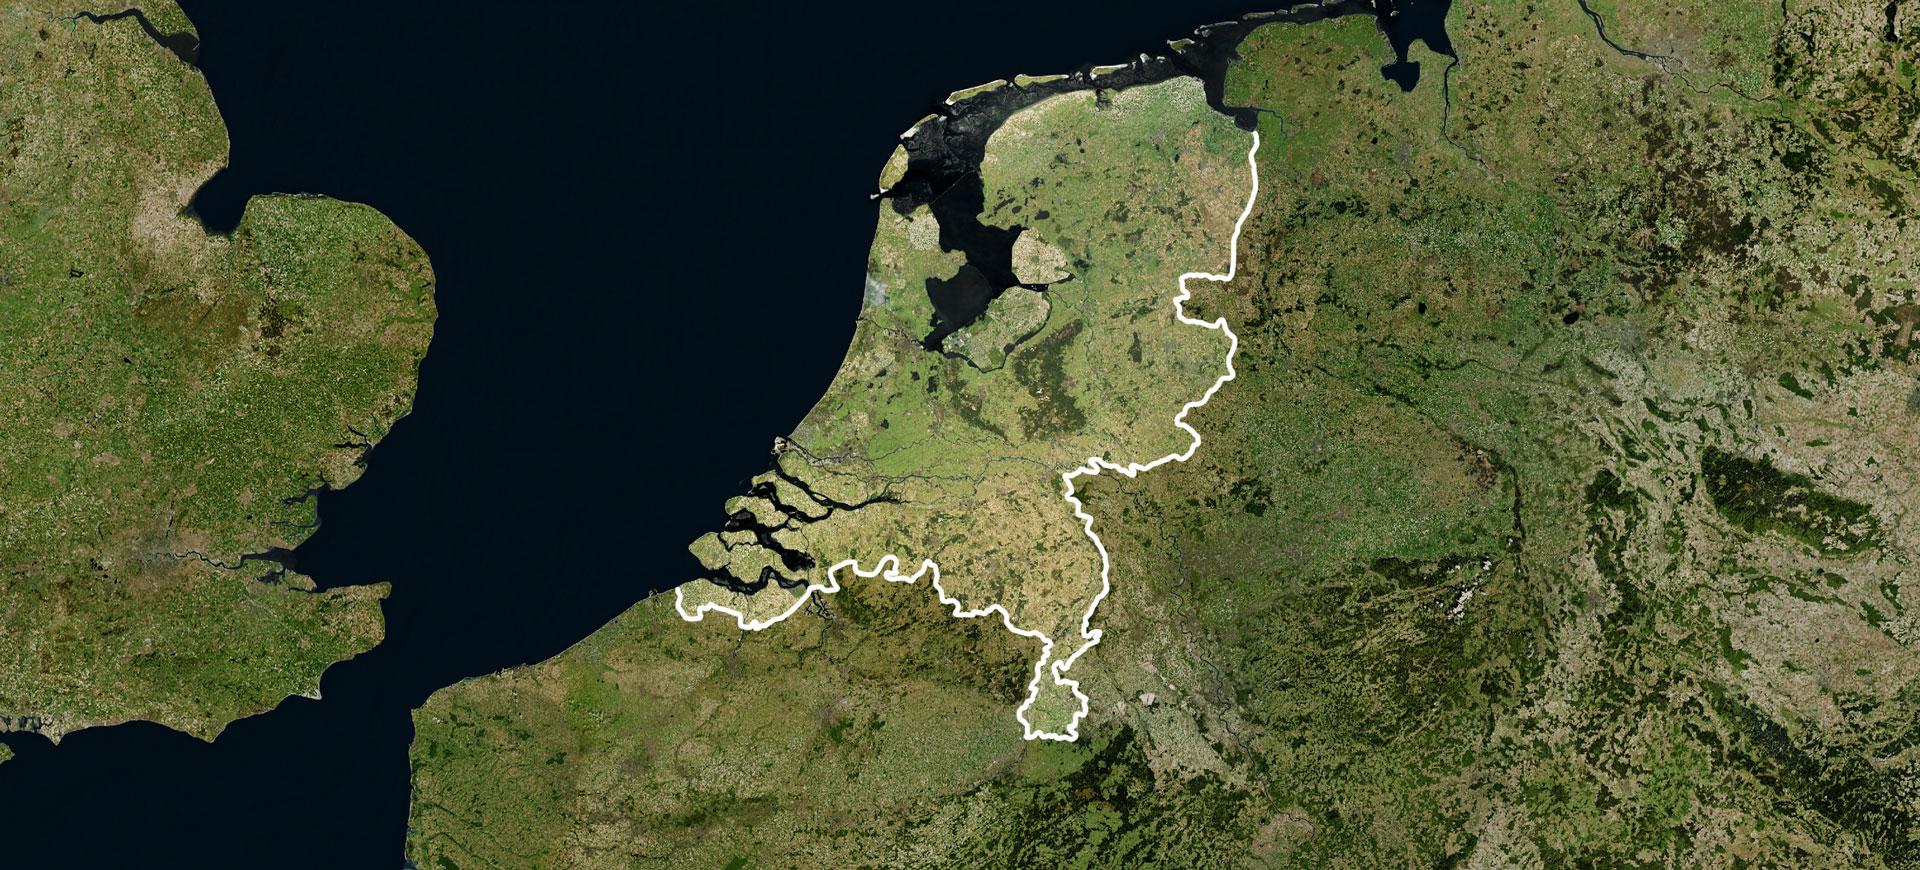 Te boeken in heel Nederland